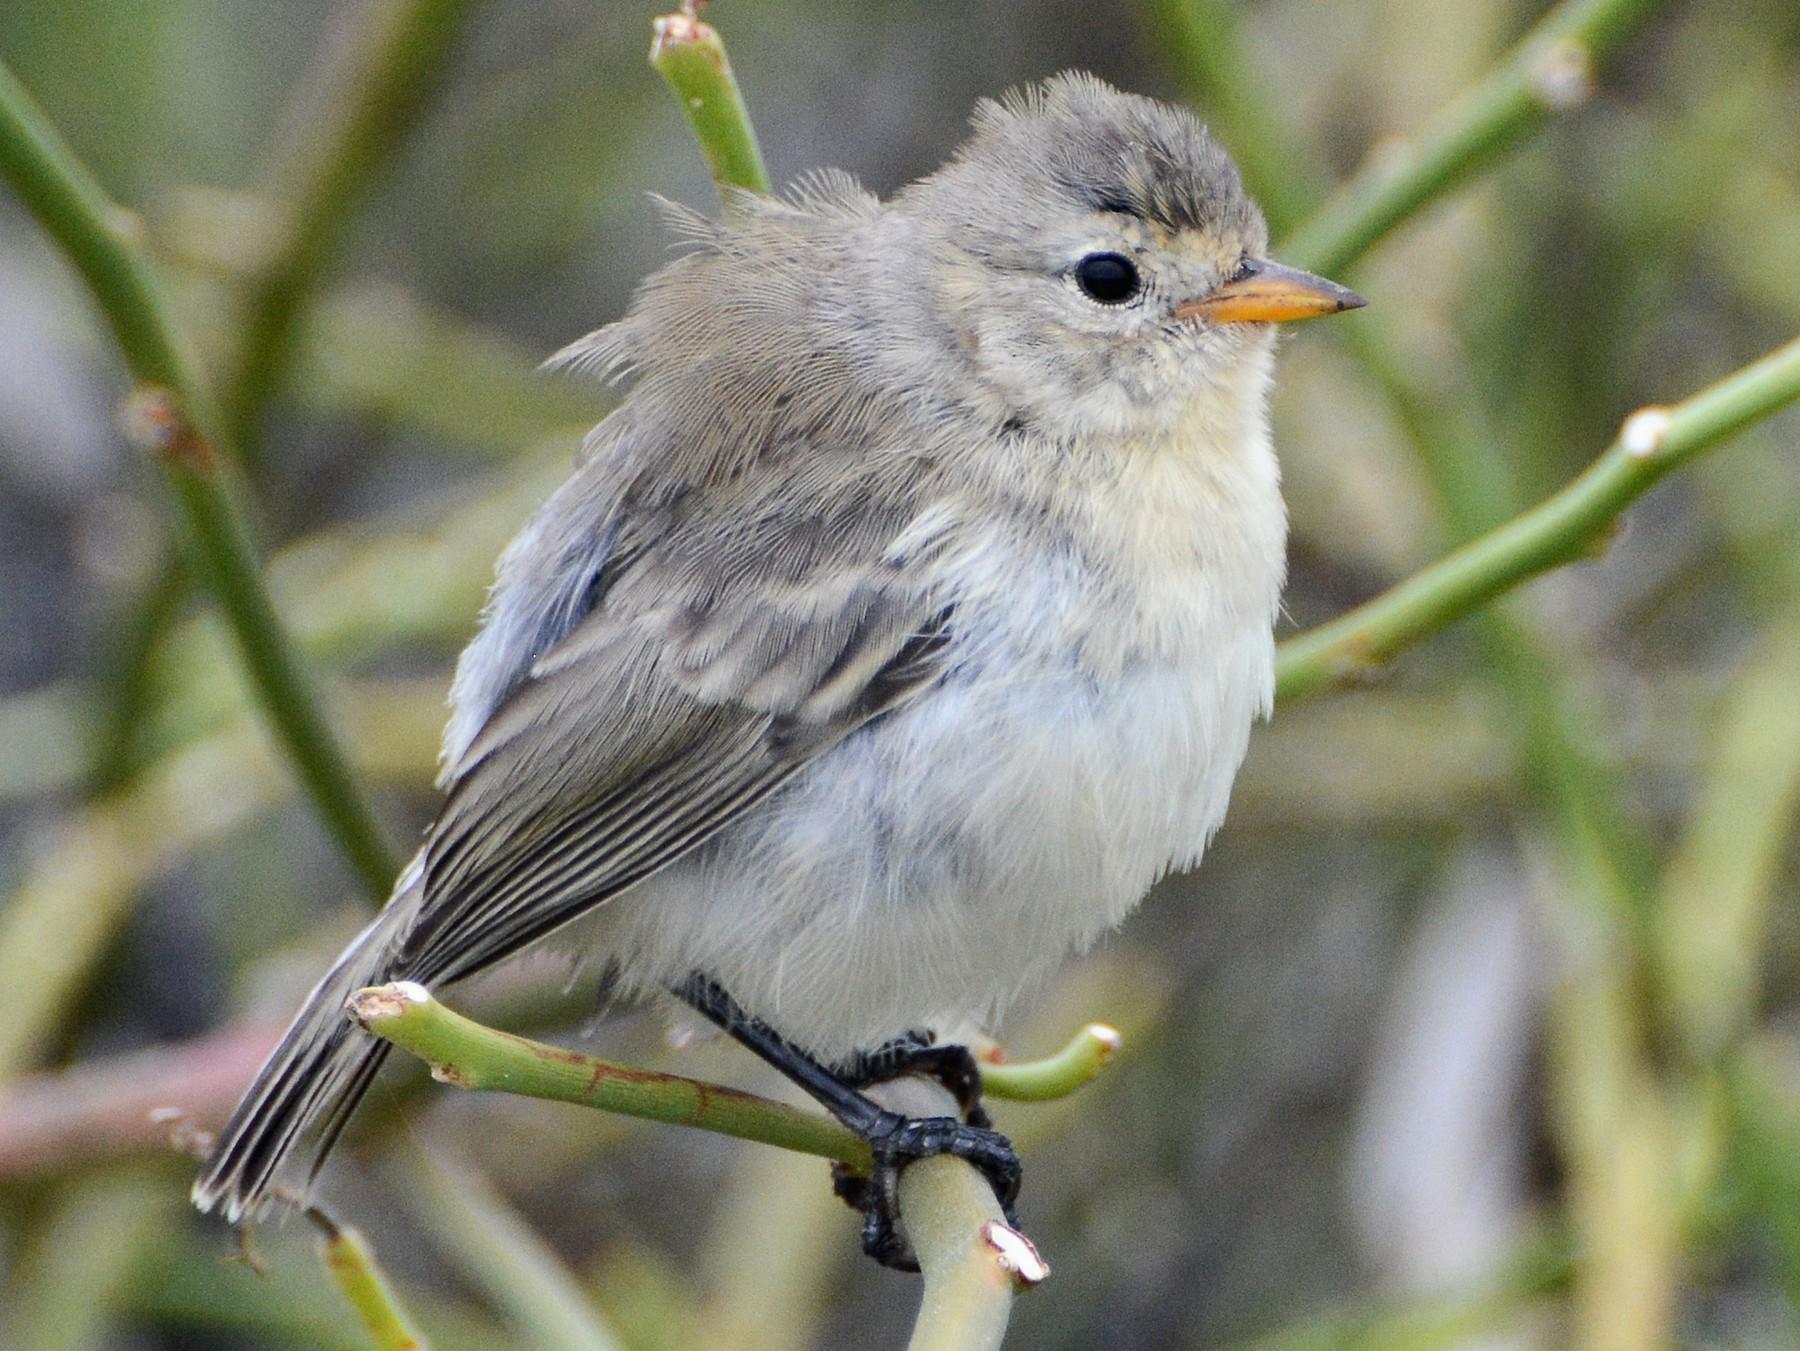 Gray Warbler-Finch - David Jeffrey Ringer